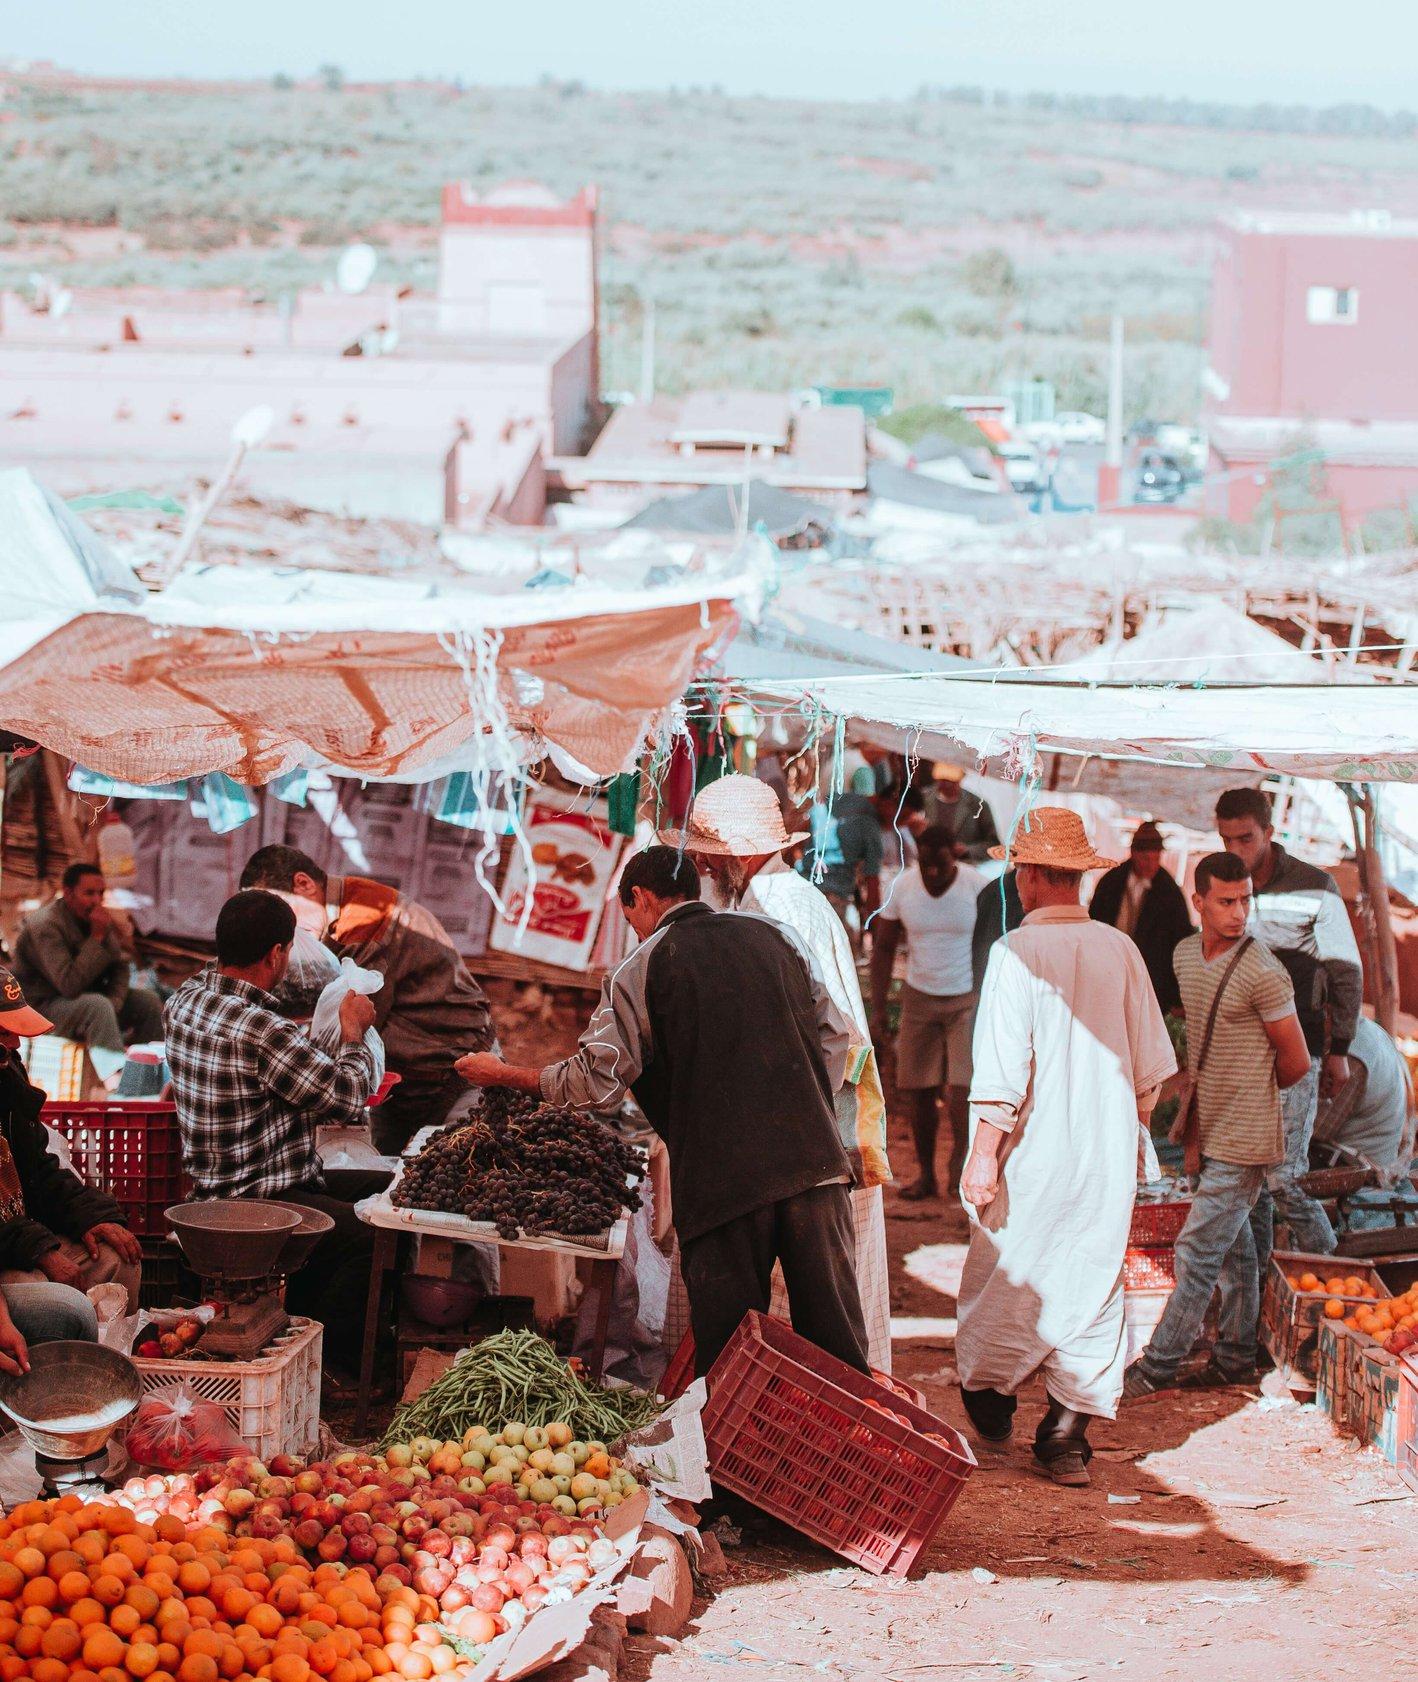 Stragany na bazarze (fot. Annie Spratt)